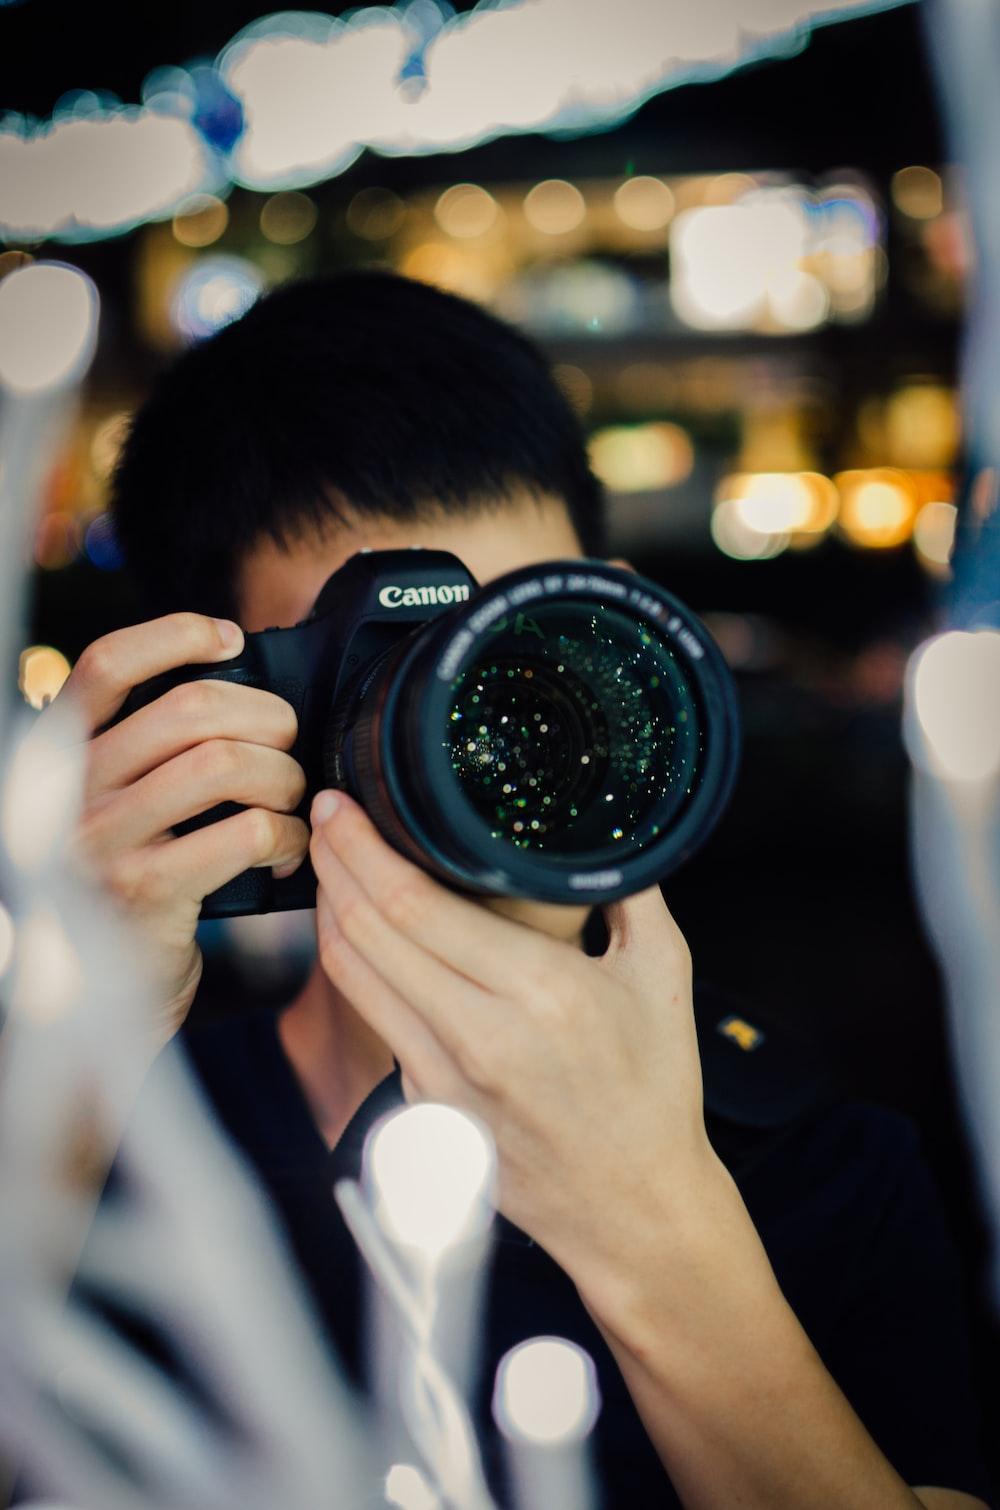 person using black Canon DSLR camera